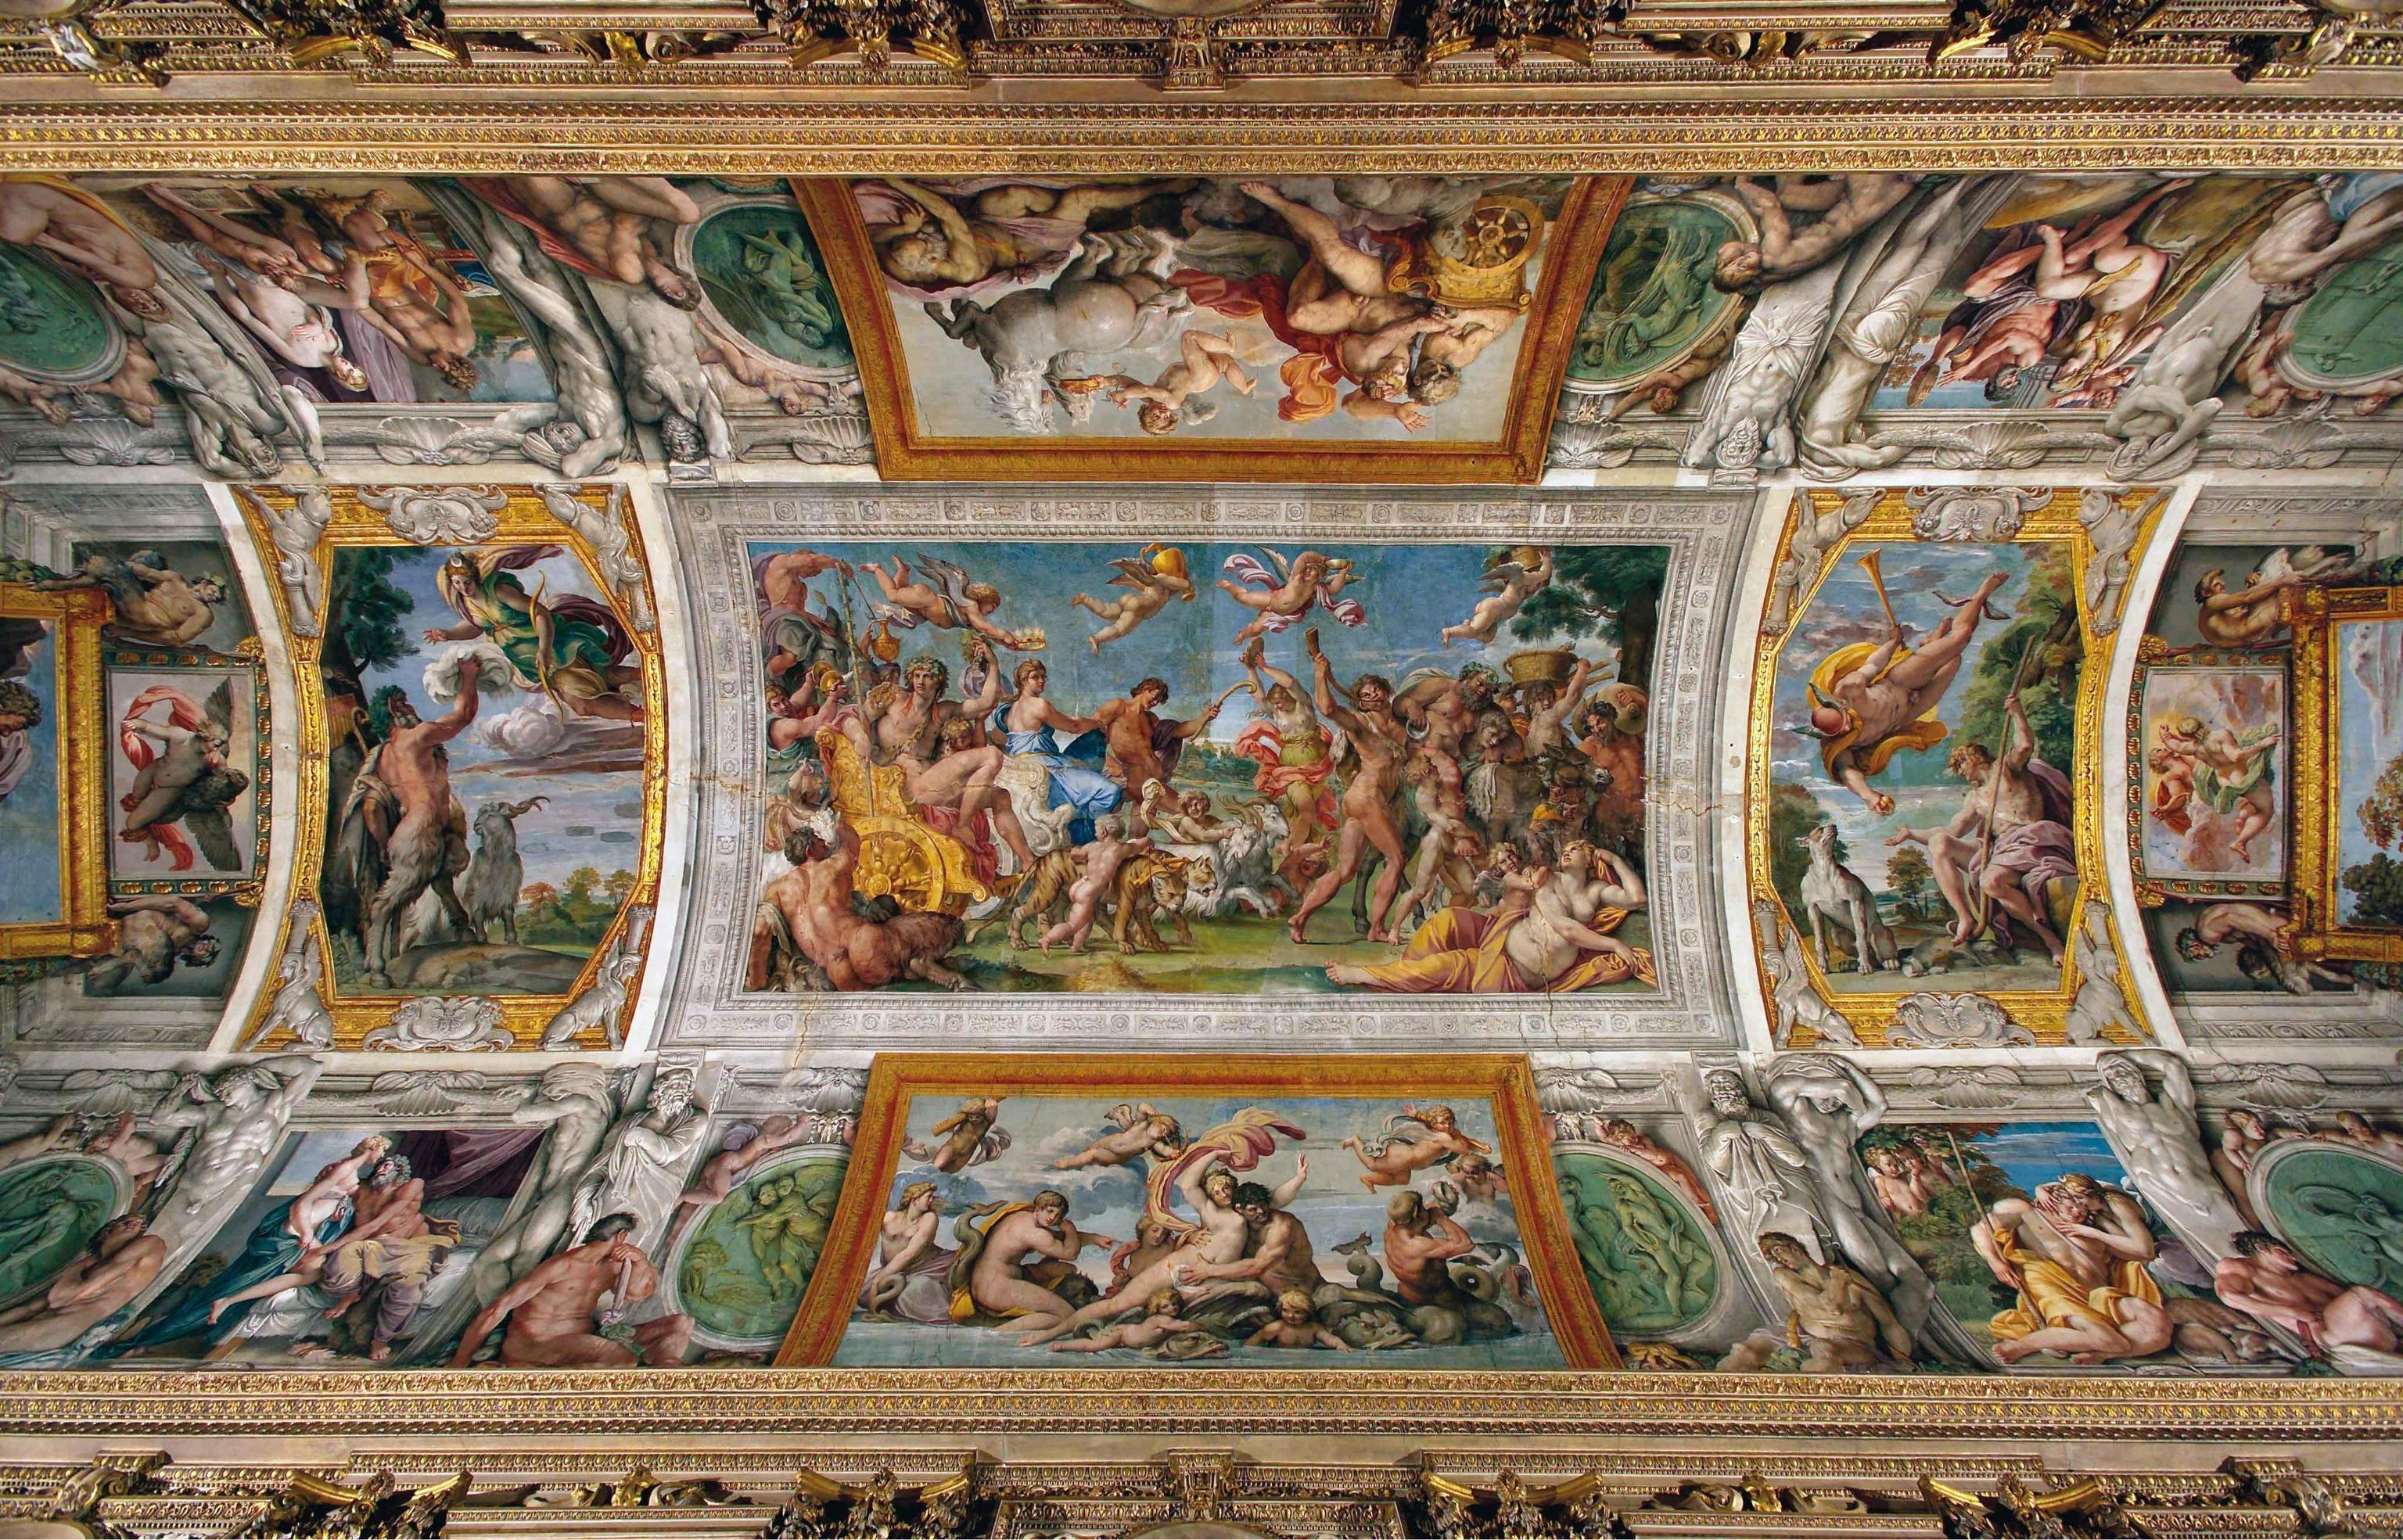 Annibale e agostino carracci volta galleria farnese roma for Ca roma volta mantovana